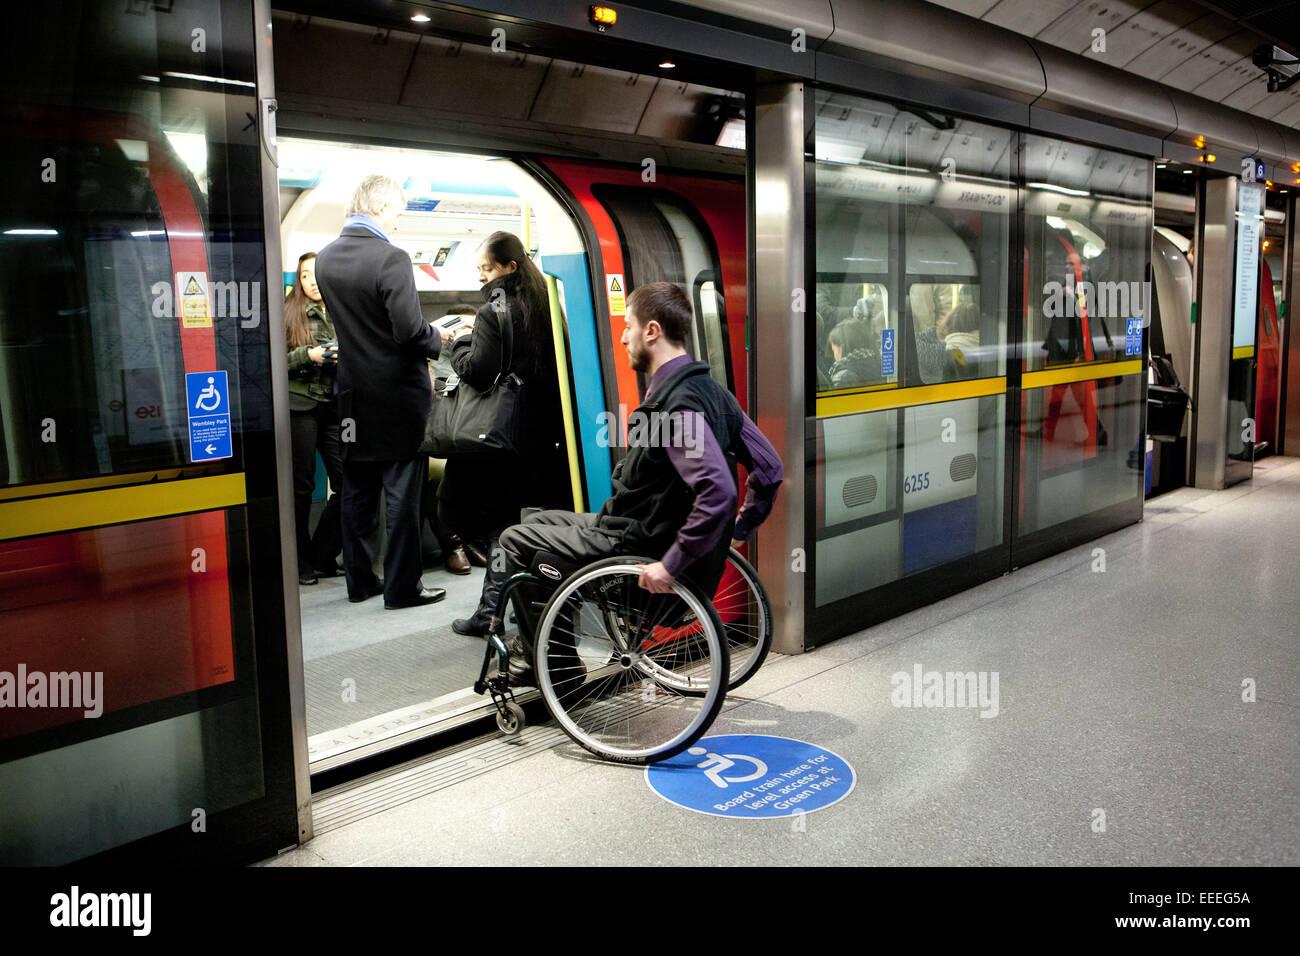 Utente di sedie a rotelle di salire a bordo della metropolitana di Londra in treno Immagini Stock